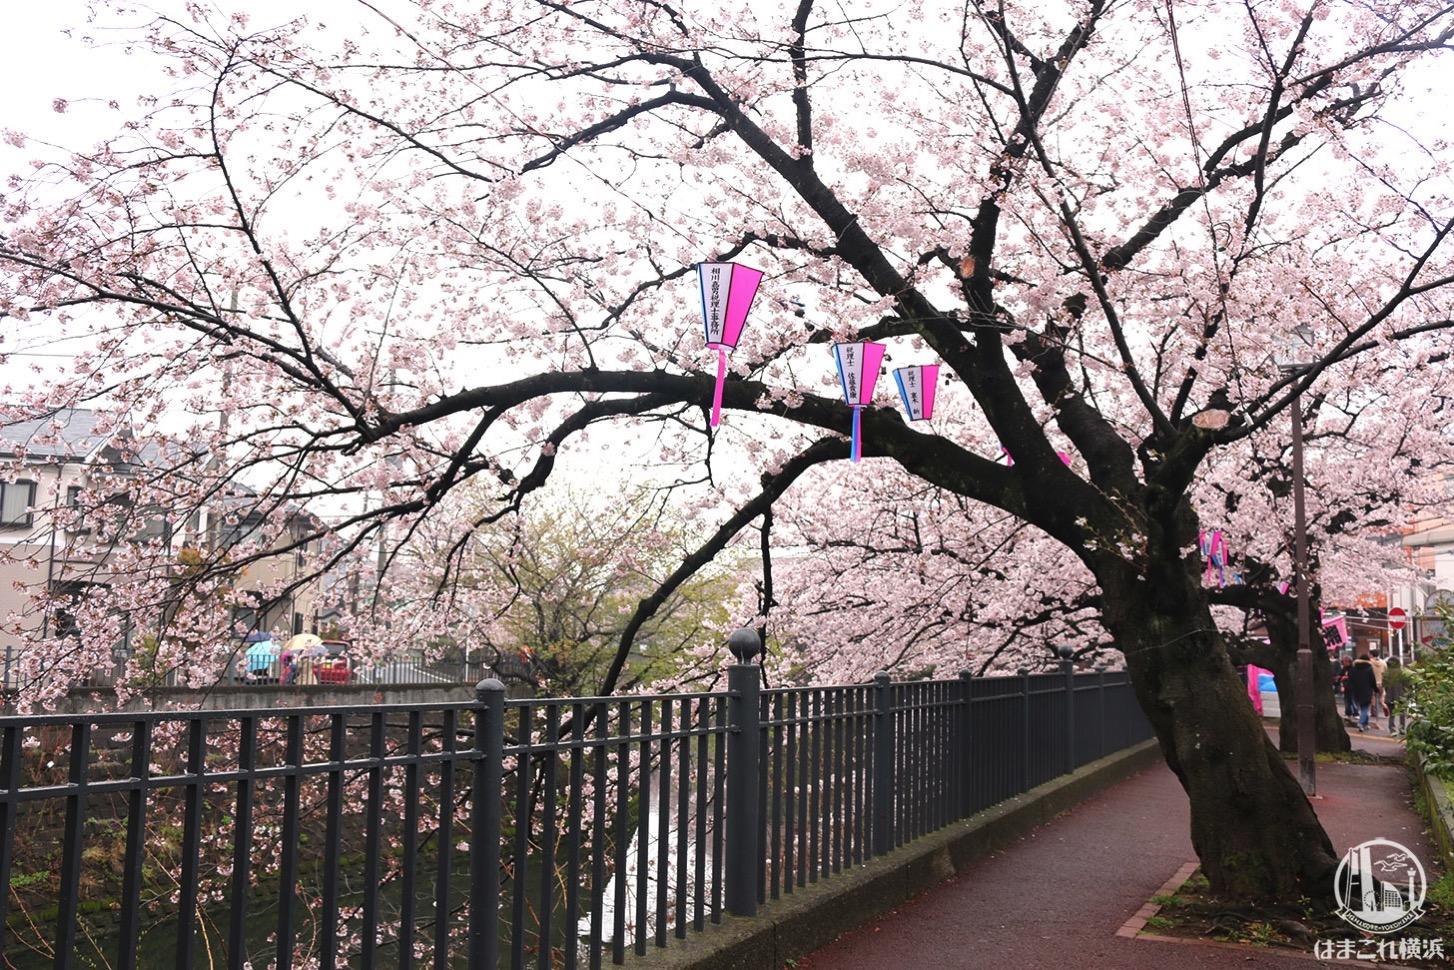 大岡川プロムナード 桜のトンネル